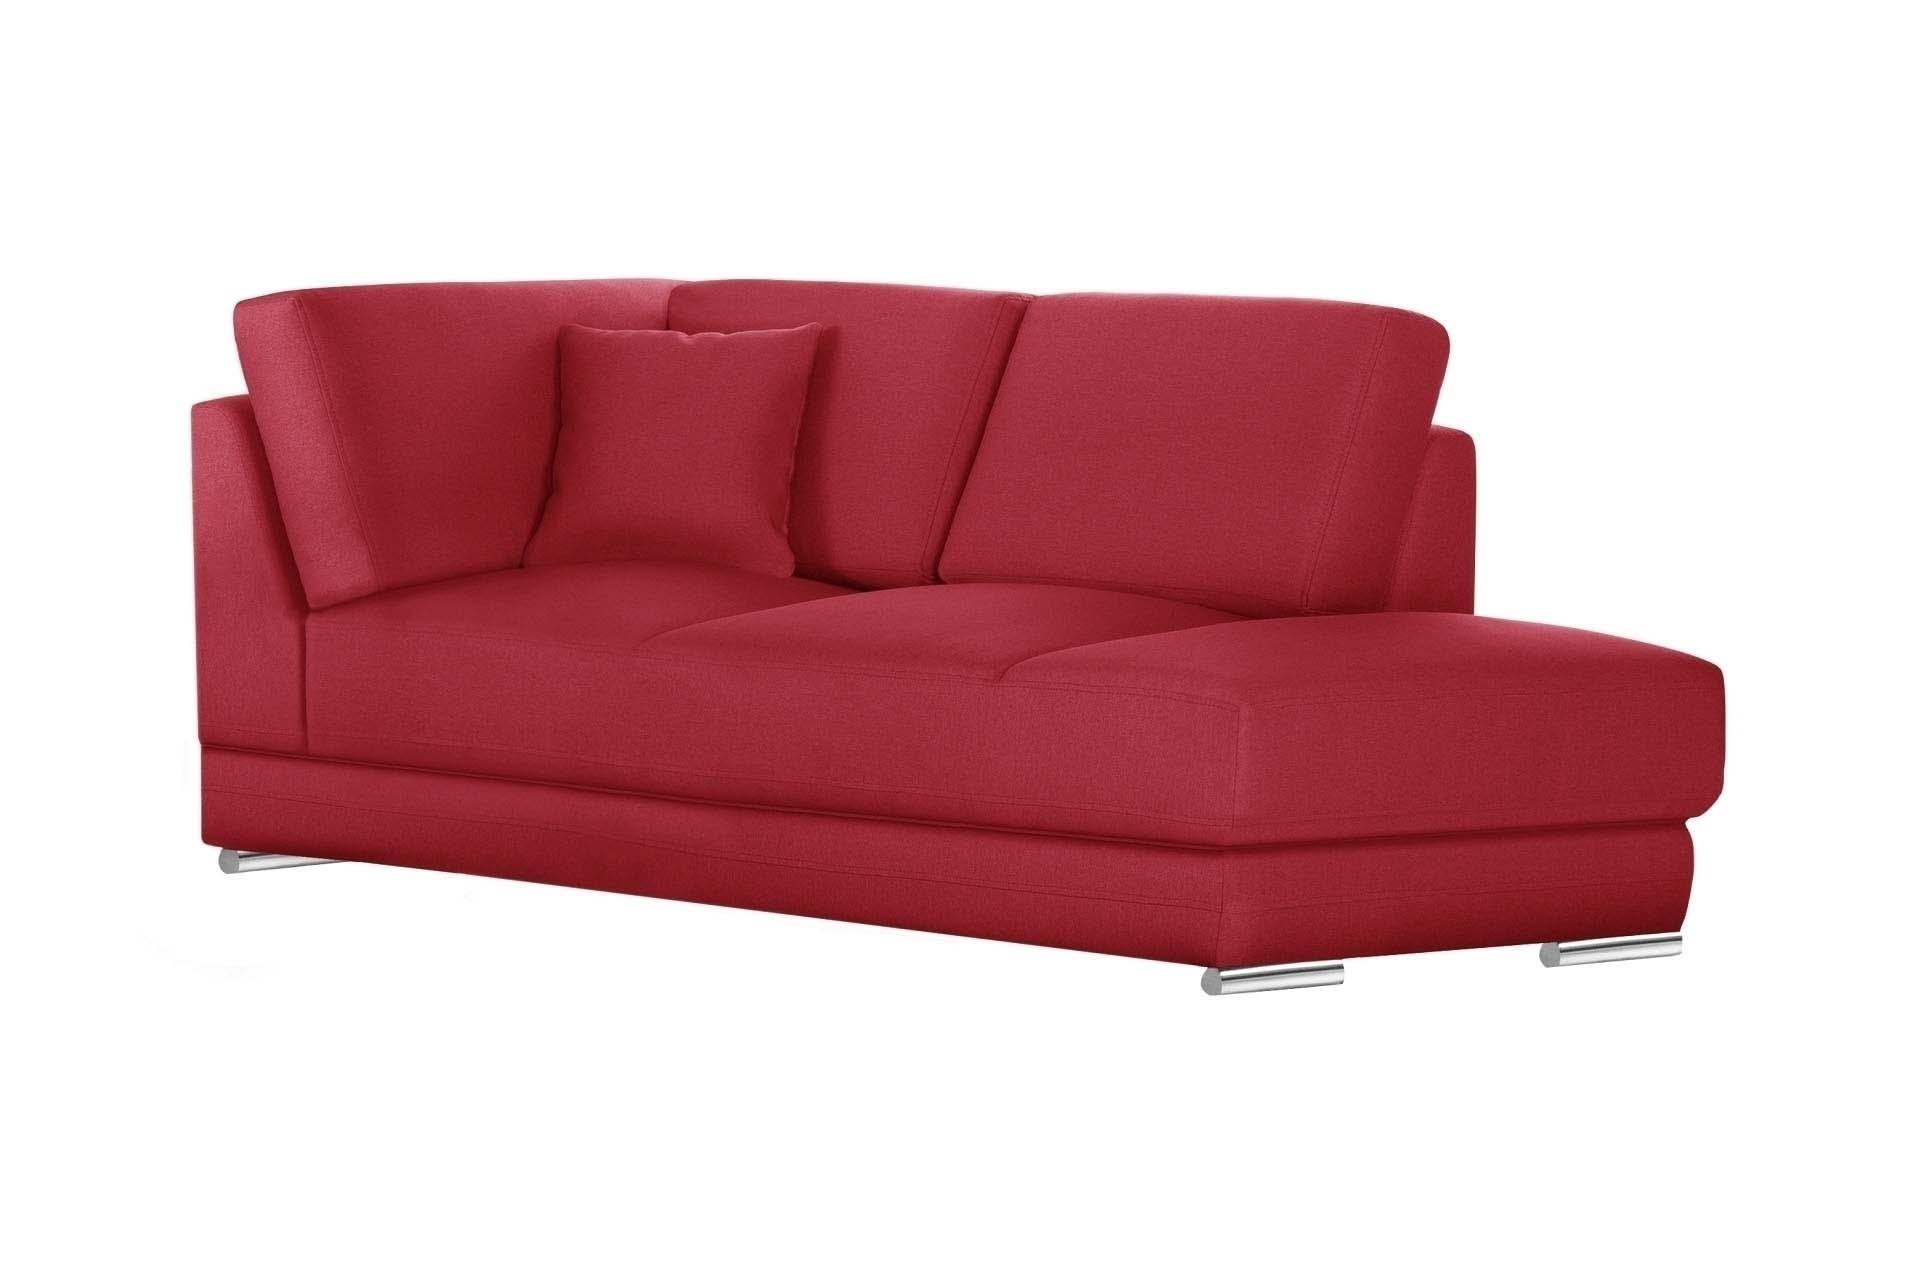 Méridienne d'angle droit 1 place toucher lin glamour rouge